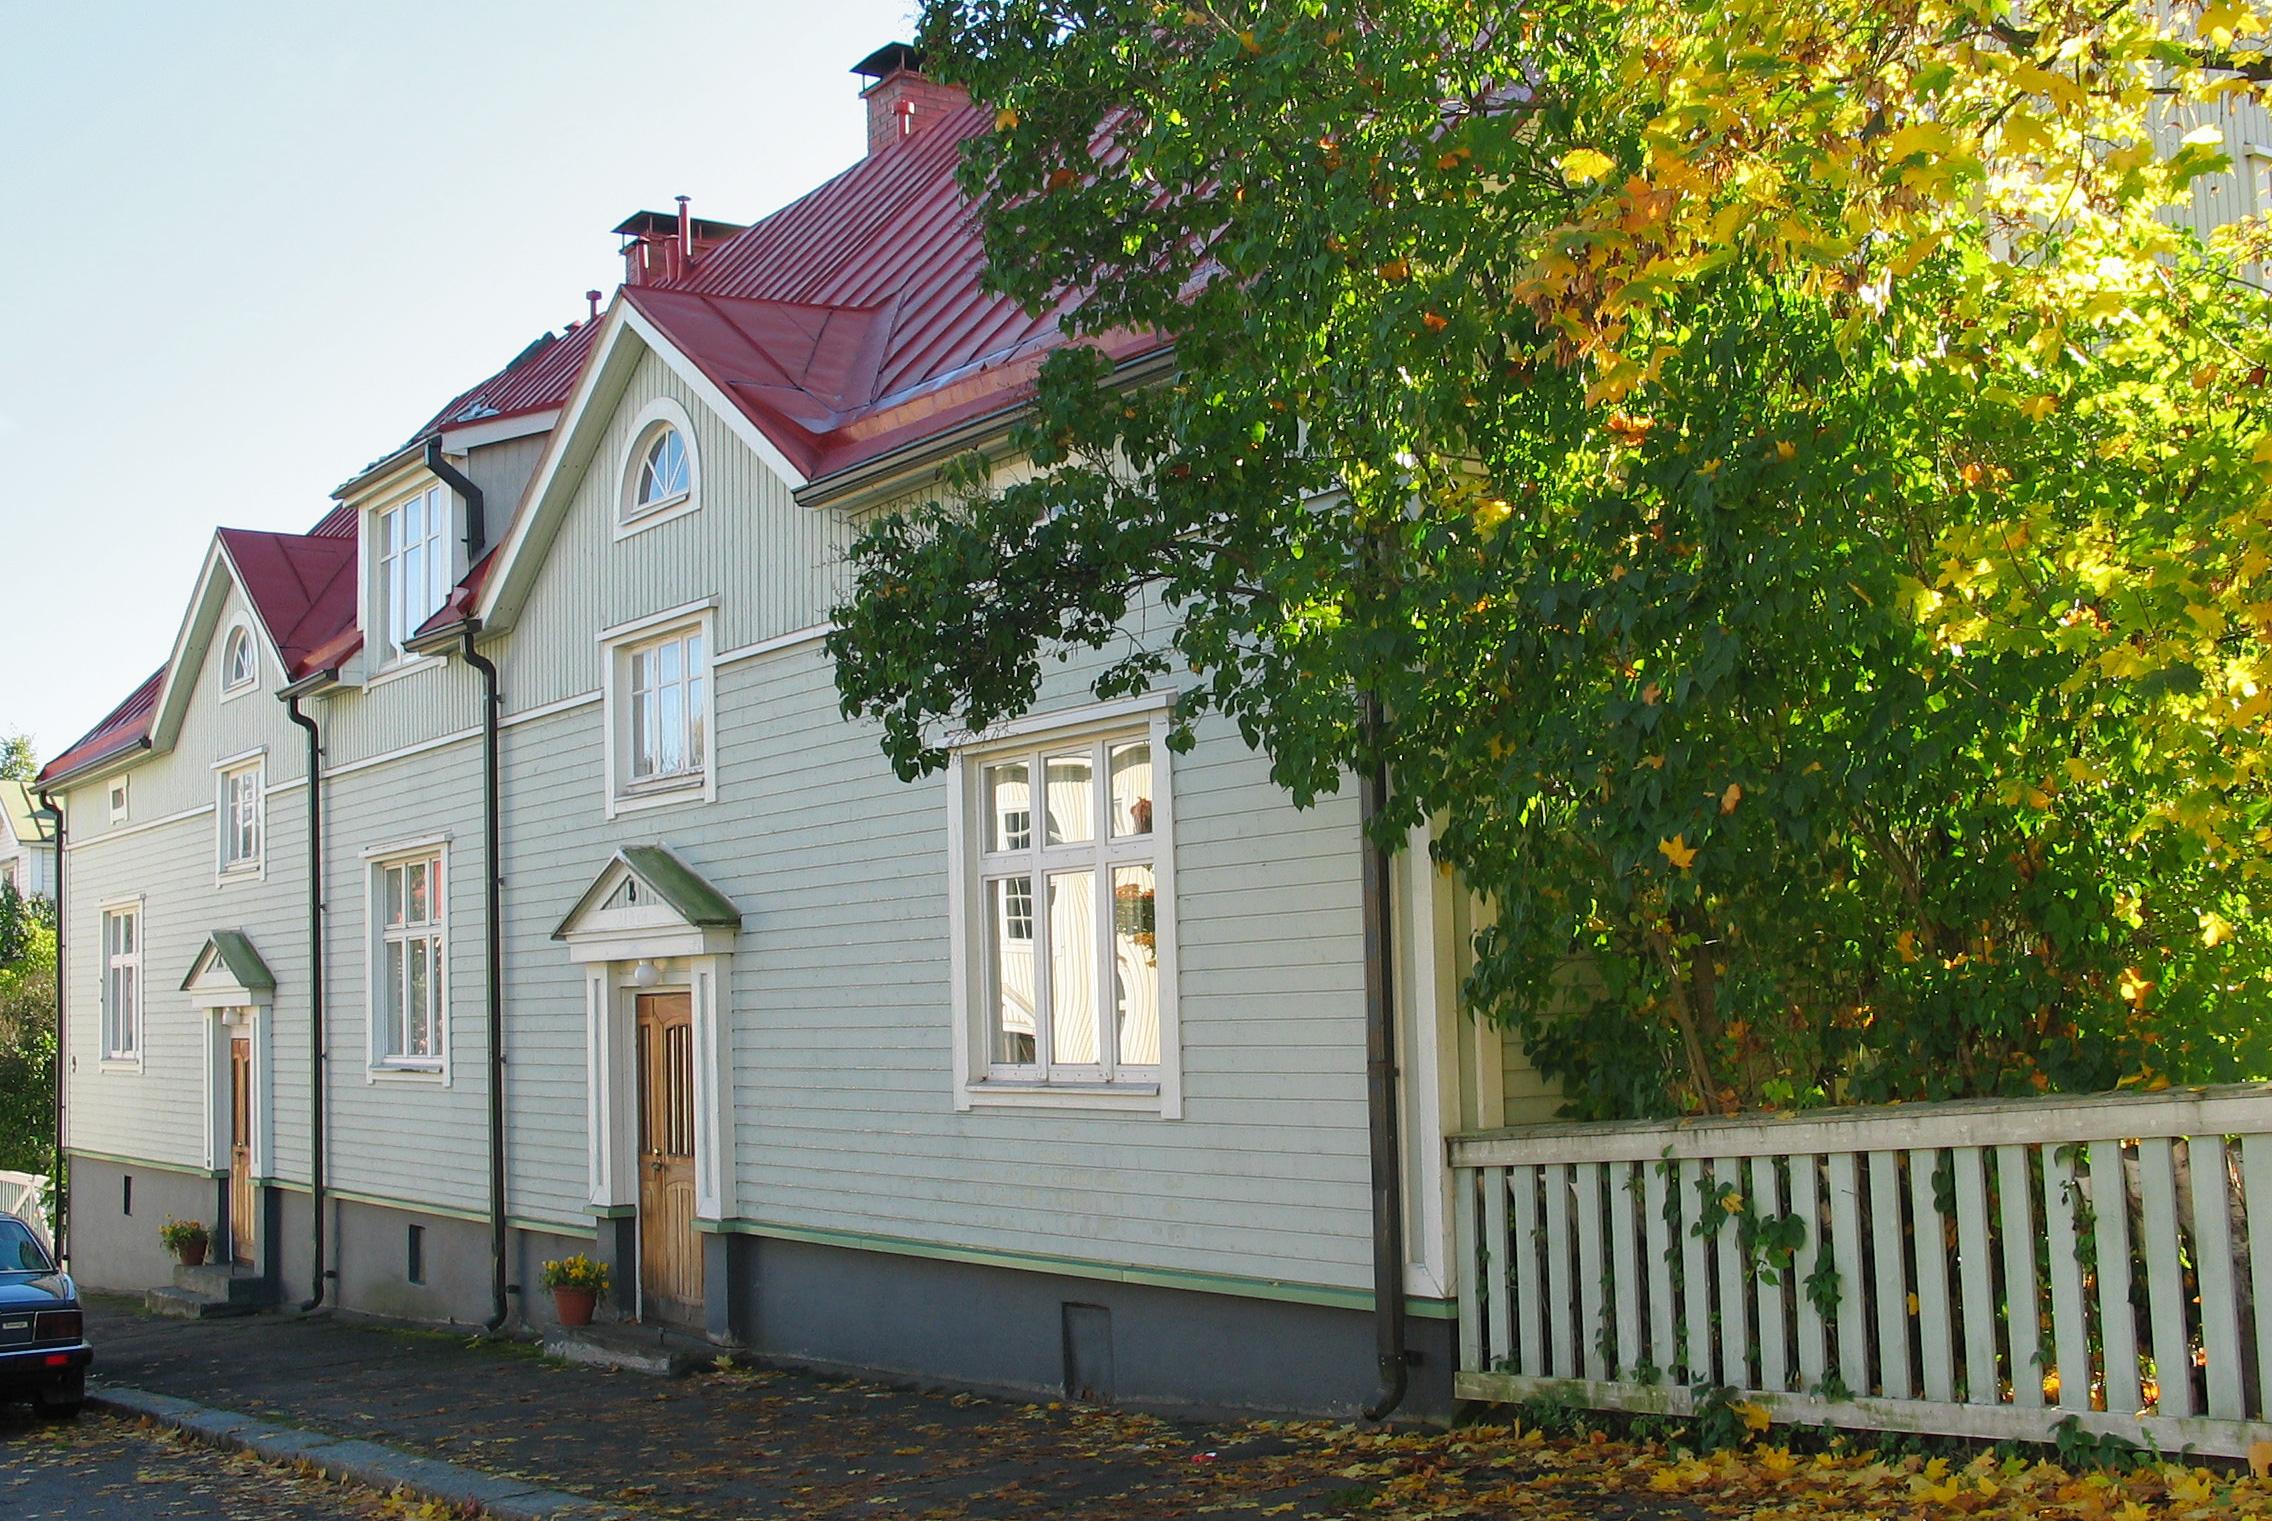 Vuokra-asunnot Tampereella Pyynikillä